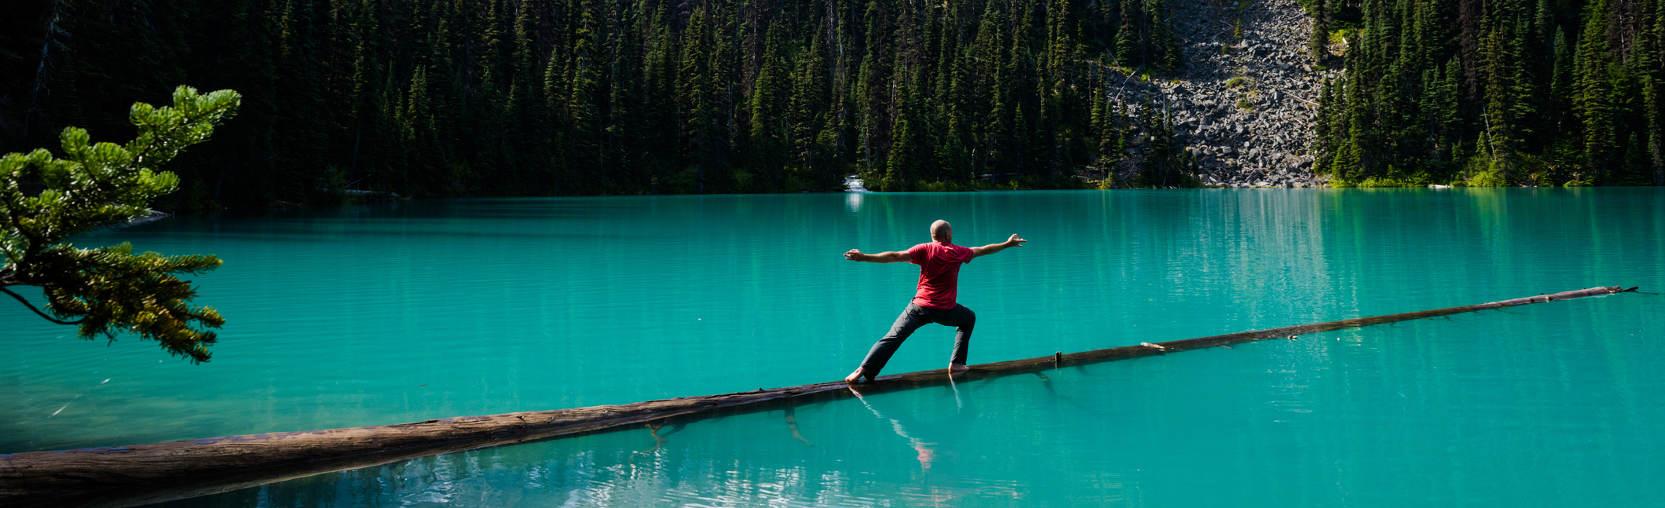 Canada S Top 5 Yoga Retreats Travel Associates